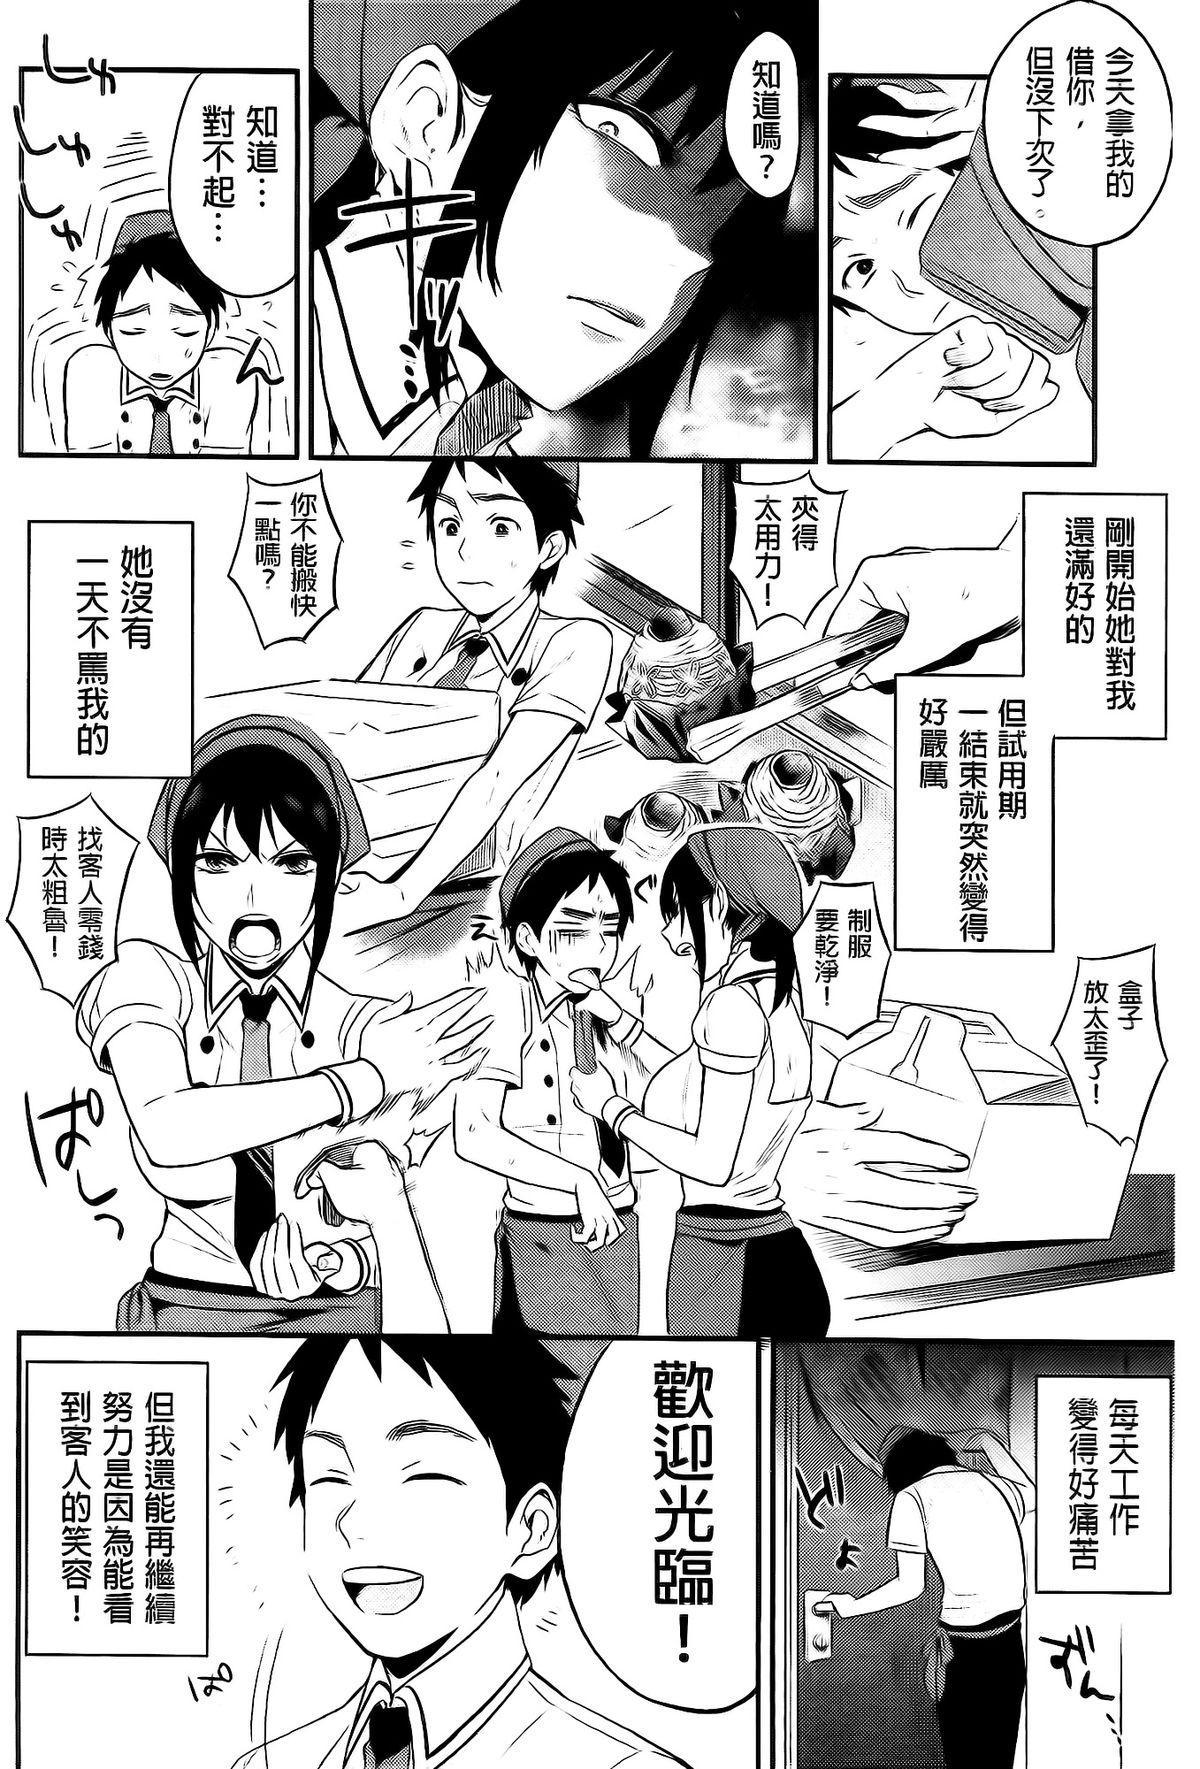 Boku Dake no Yuuyami 181